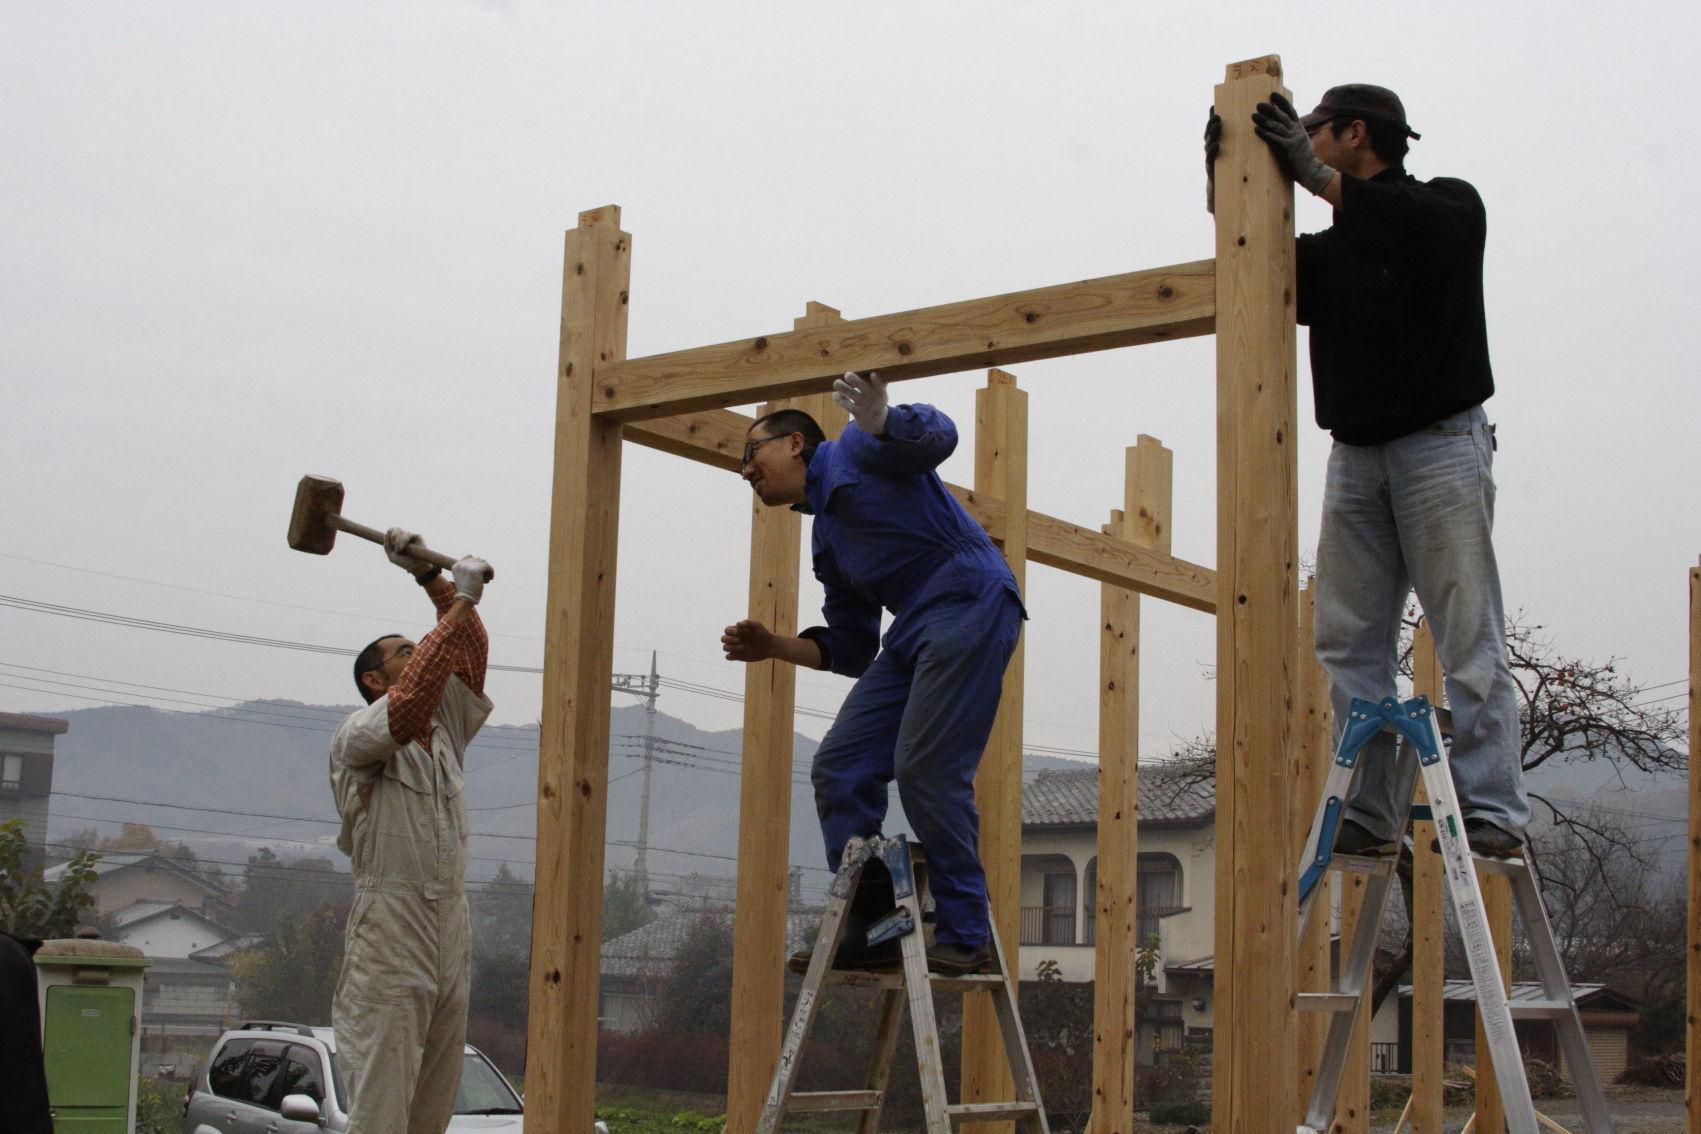 自分でマイホーム建設 原価は560万円!(工期6年) プロ施工より1500万安い ★3  [雷★]